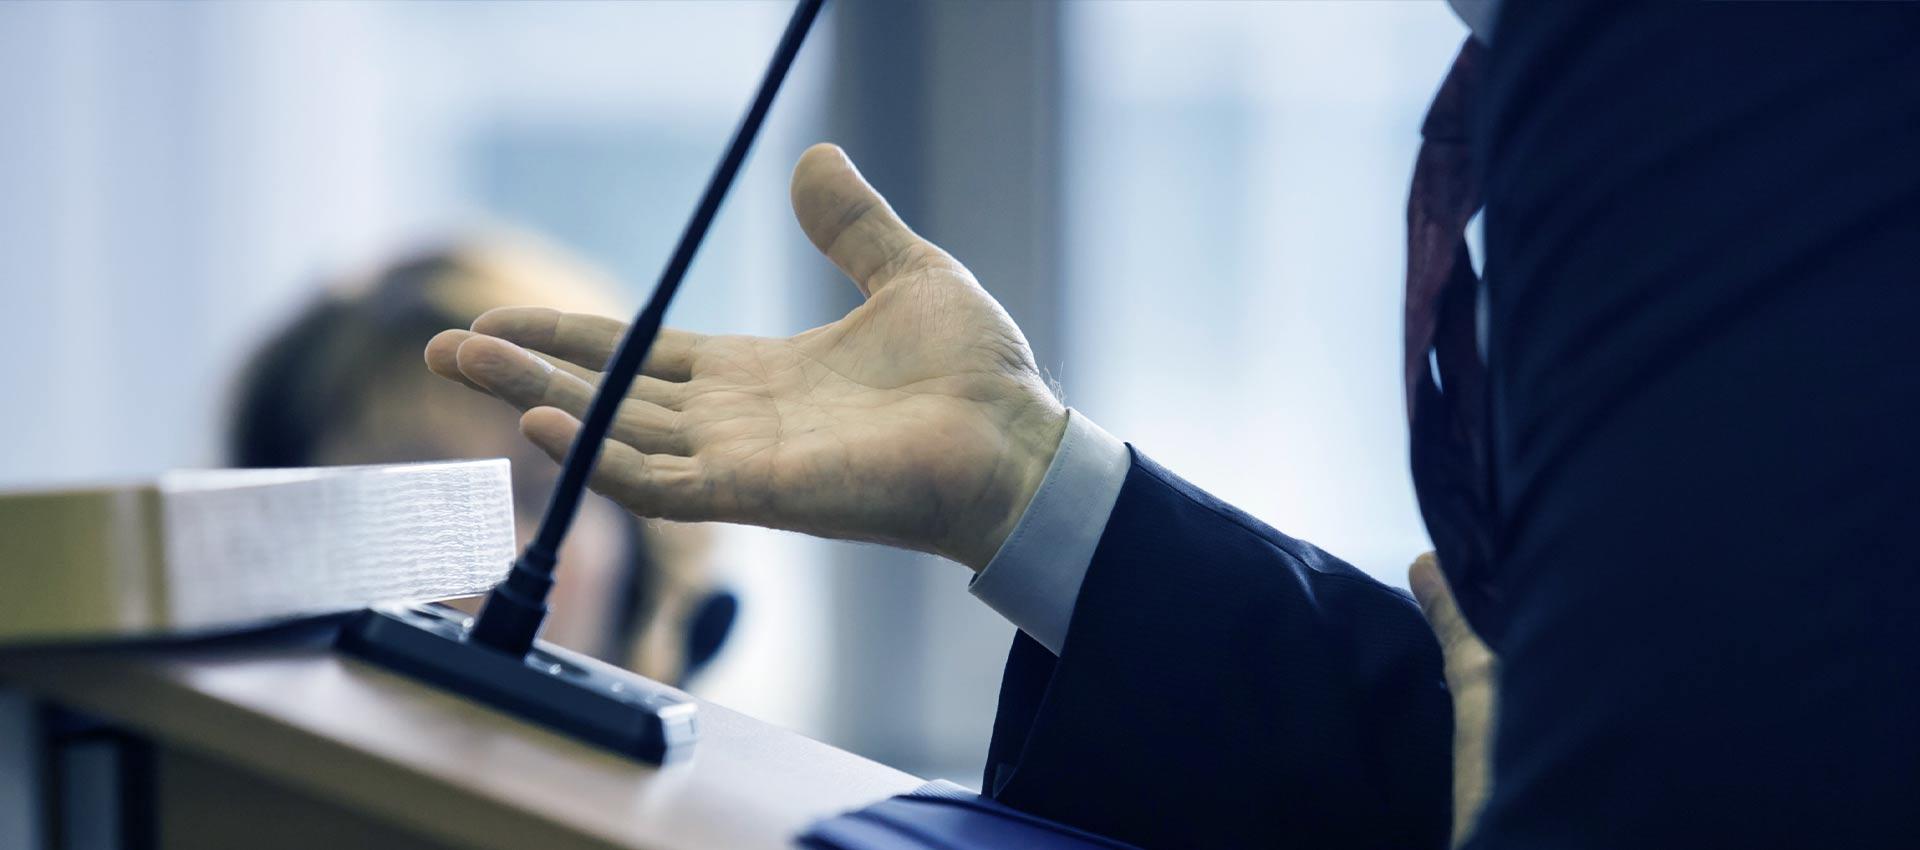 Differenza tra recupero crediti stragiudiziale e giudiziale